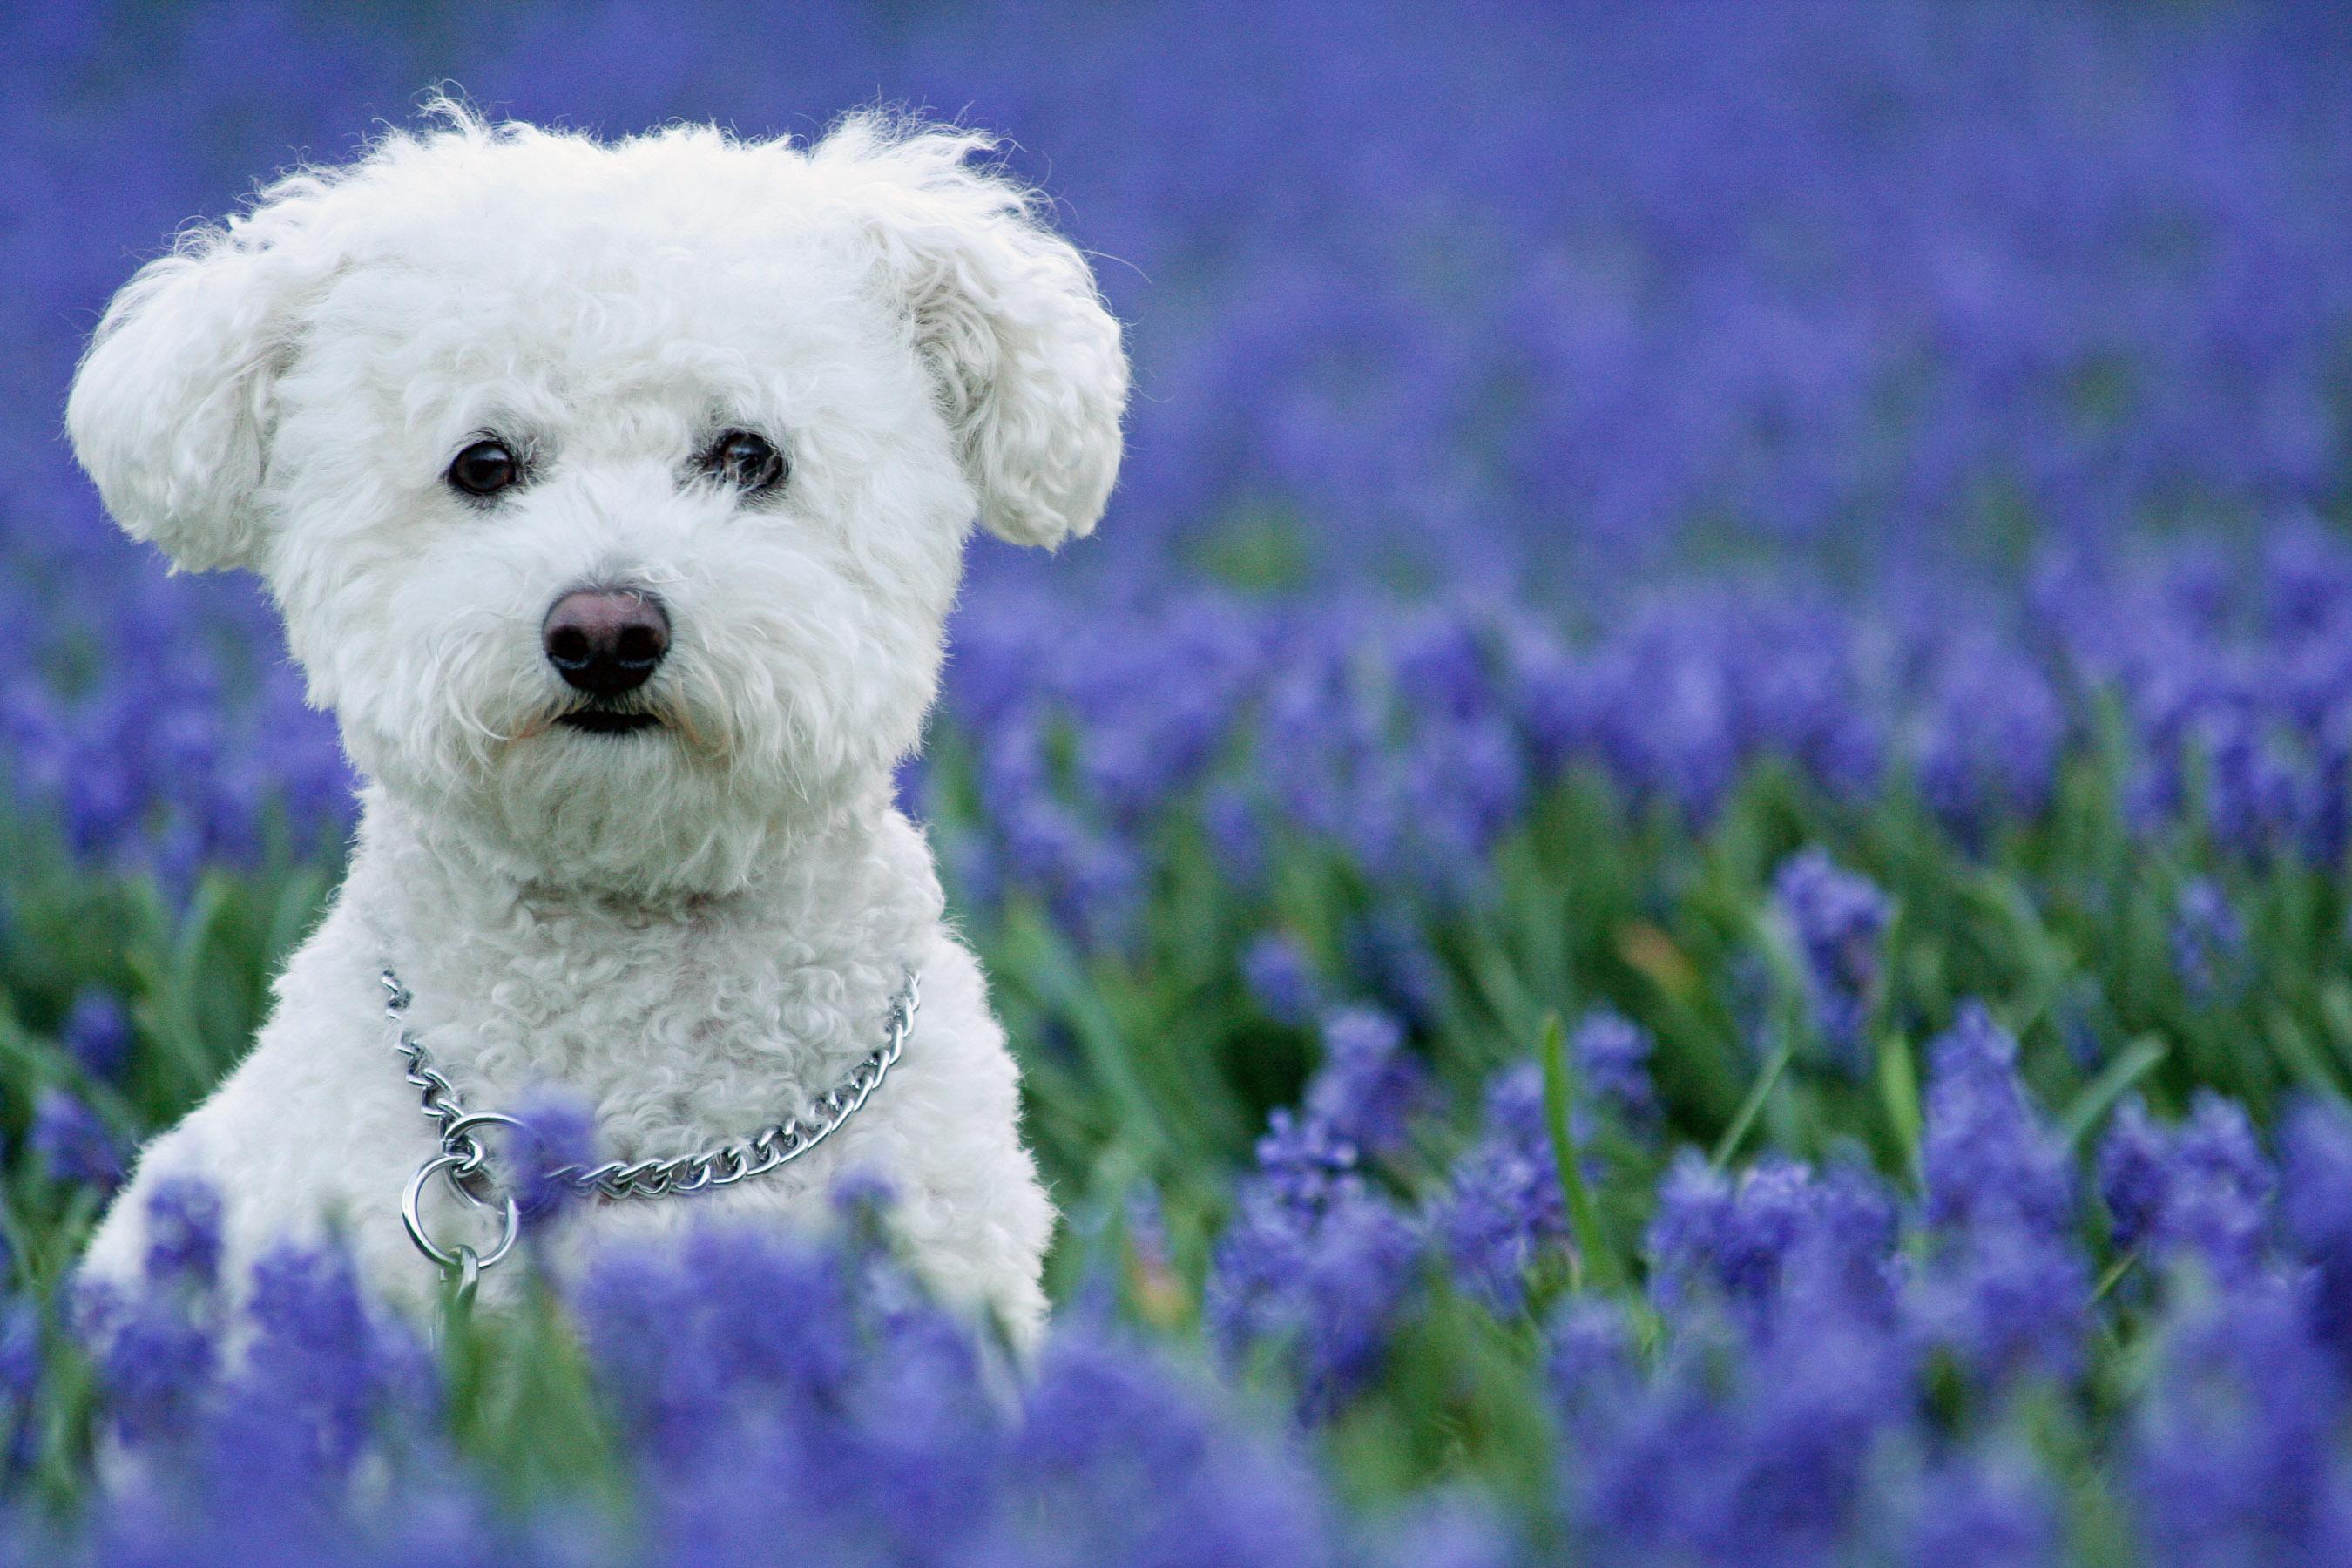 @pet, Animals, Bichon Frise, Bluebells, Dog, Flowers, Landscape, Lockridge Park, Pet, Purple Hyacinth, Wildlife, Yuki, canine, dog, dogs, feature, pet, smugmug, yukes